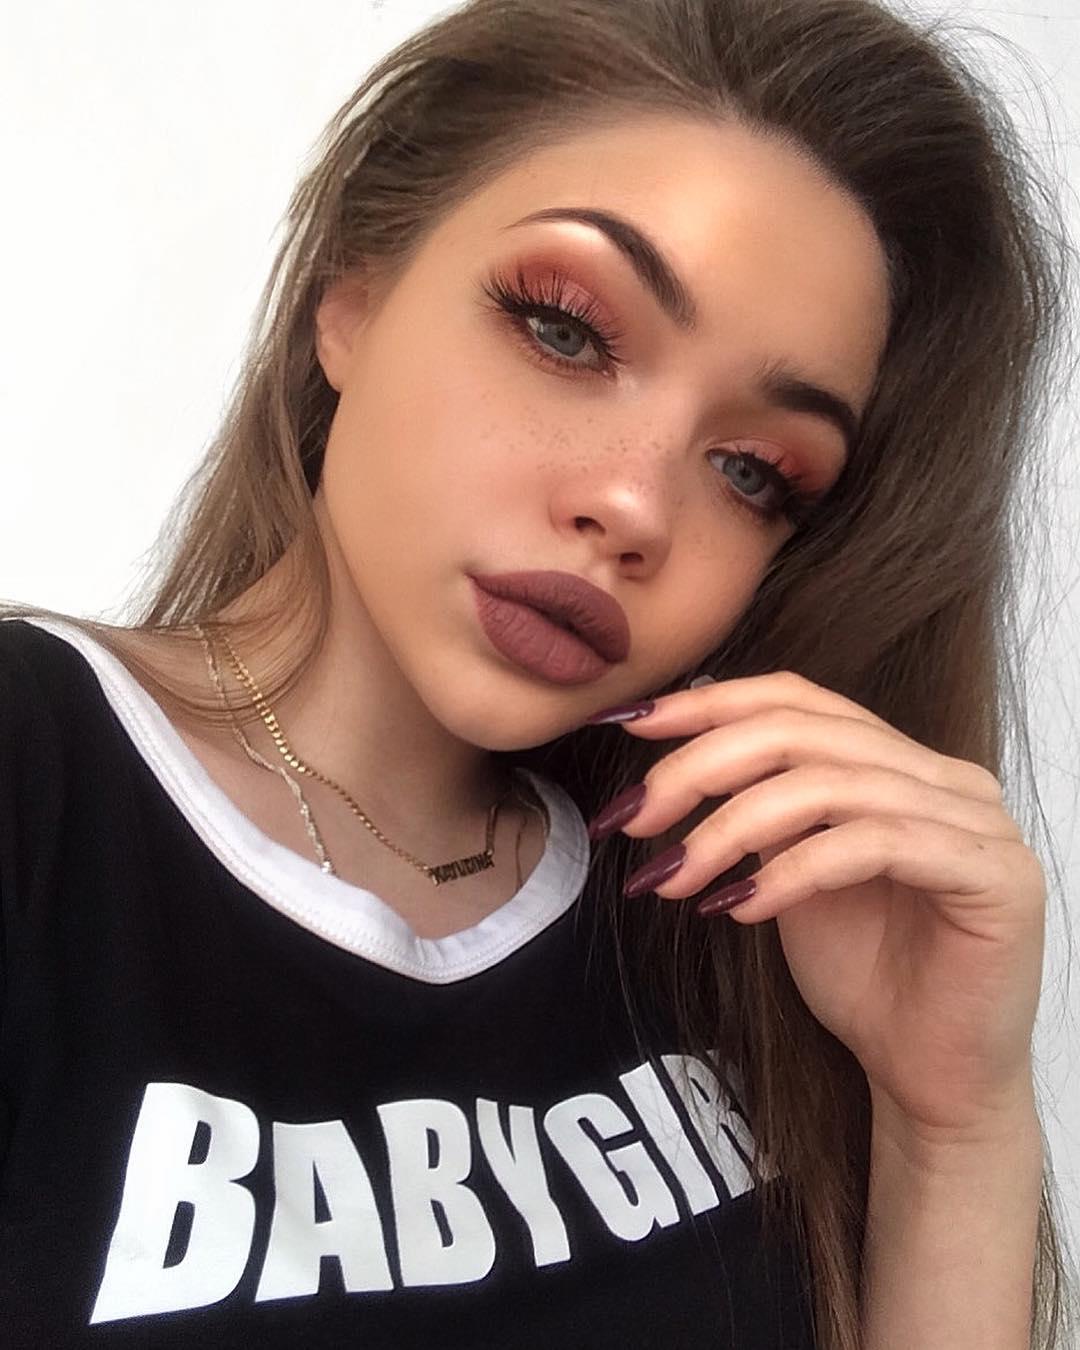 Eliza-Kayudina-Wallpapers-Insta-Fit-Bio-16